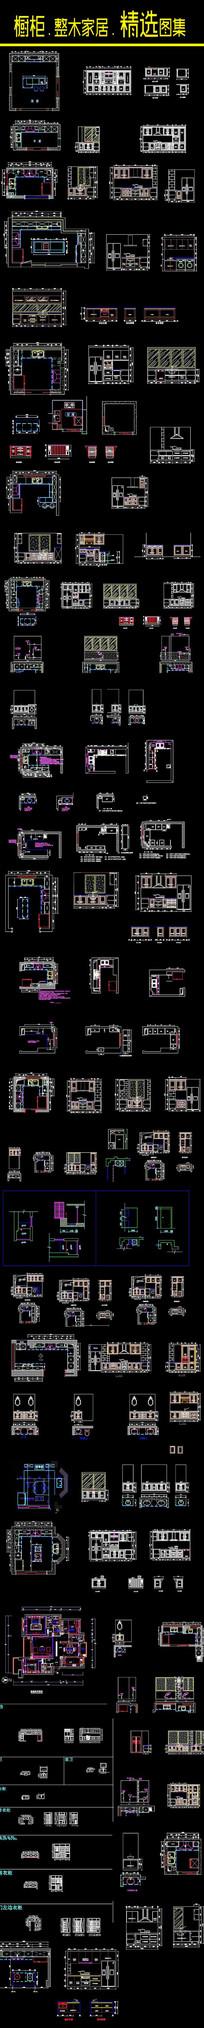 整木橱柜设计图